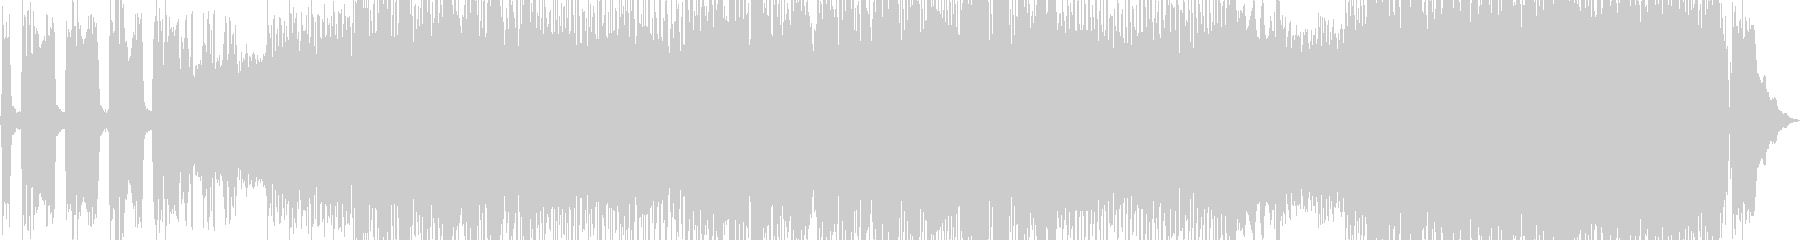 ザクザクブリッジミュートが映えるメタルの未再生の波形